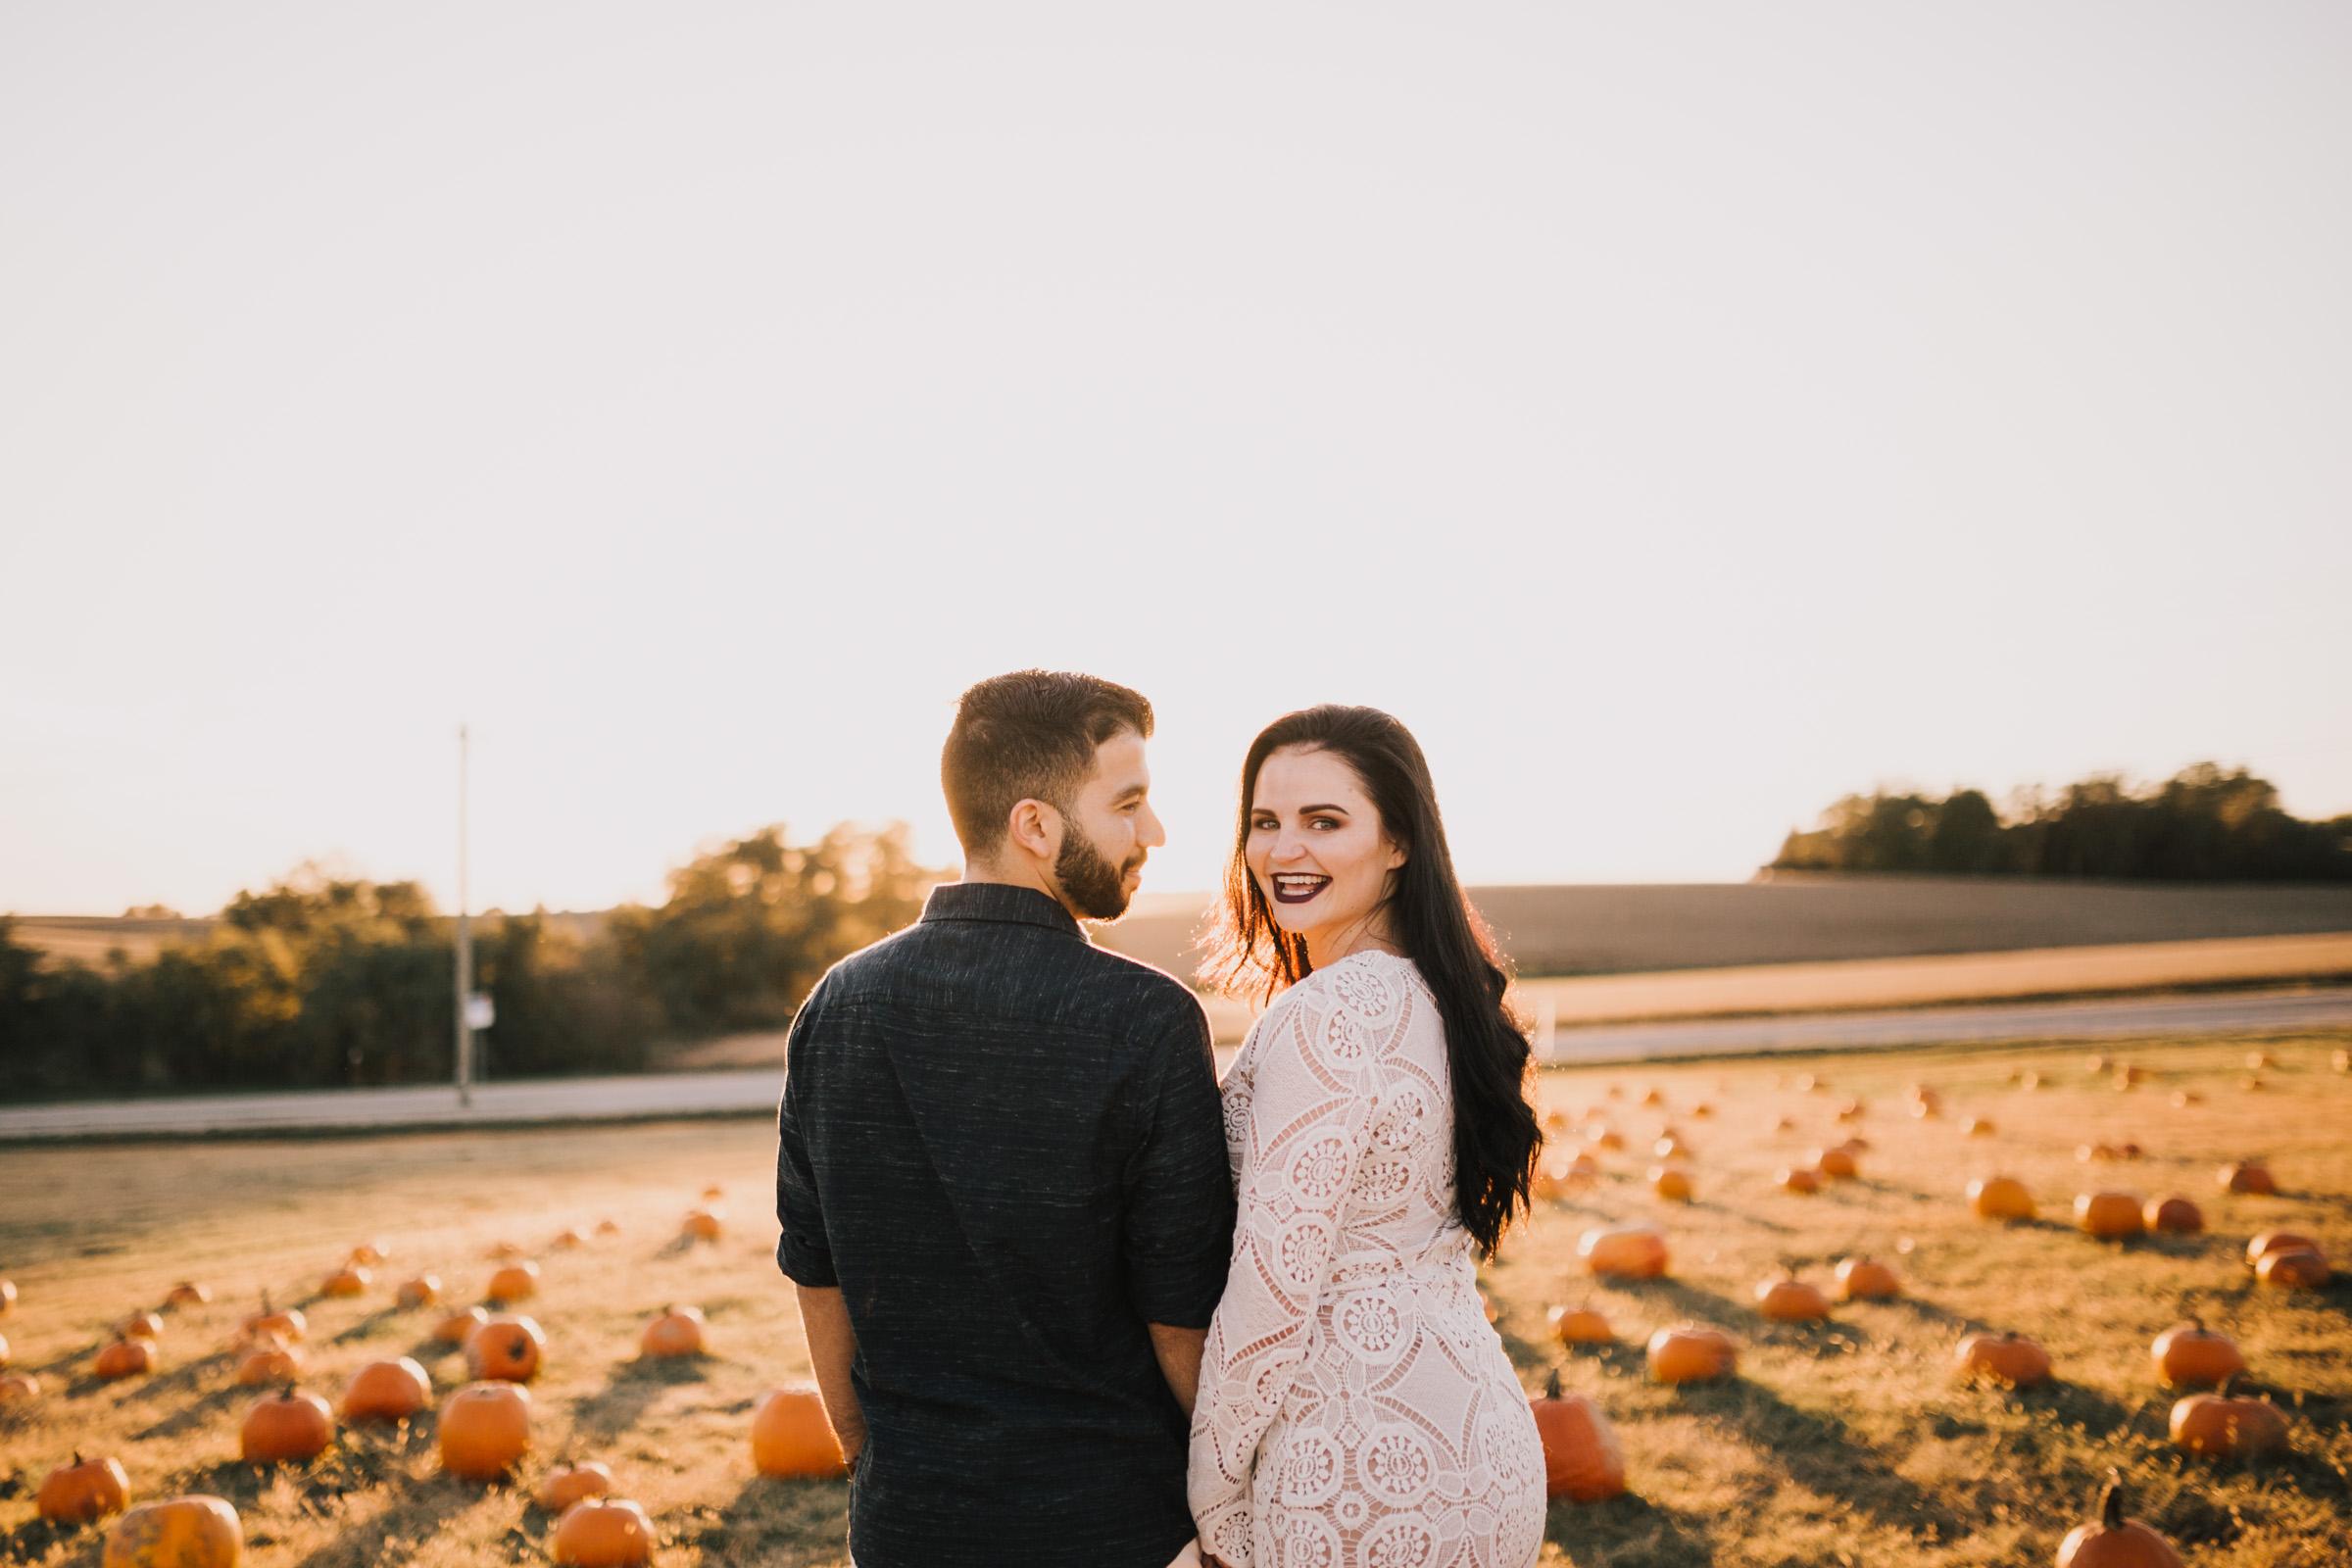 alyssa barletter photography fall pumpkin patch engagement photos sunset-20.jpg